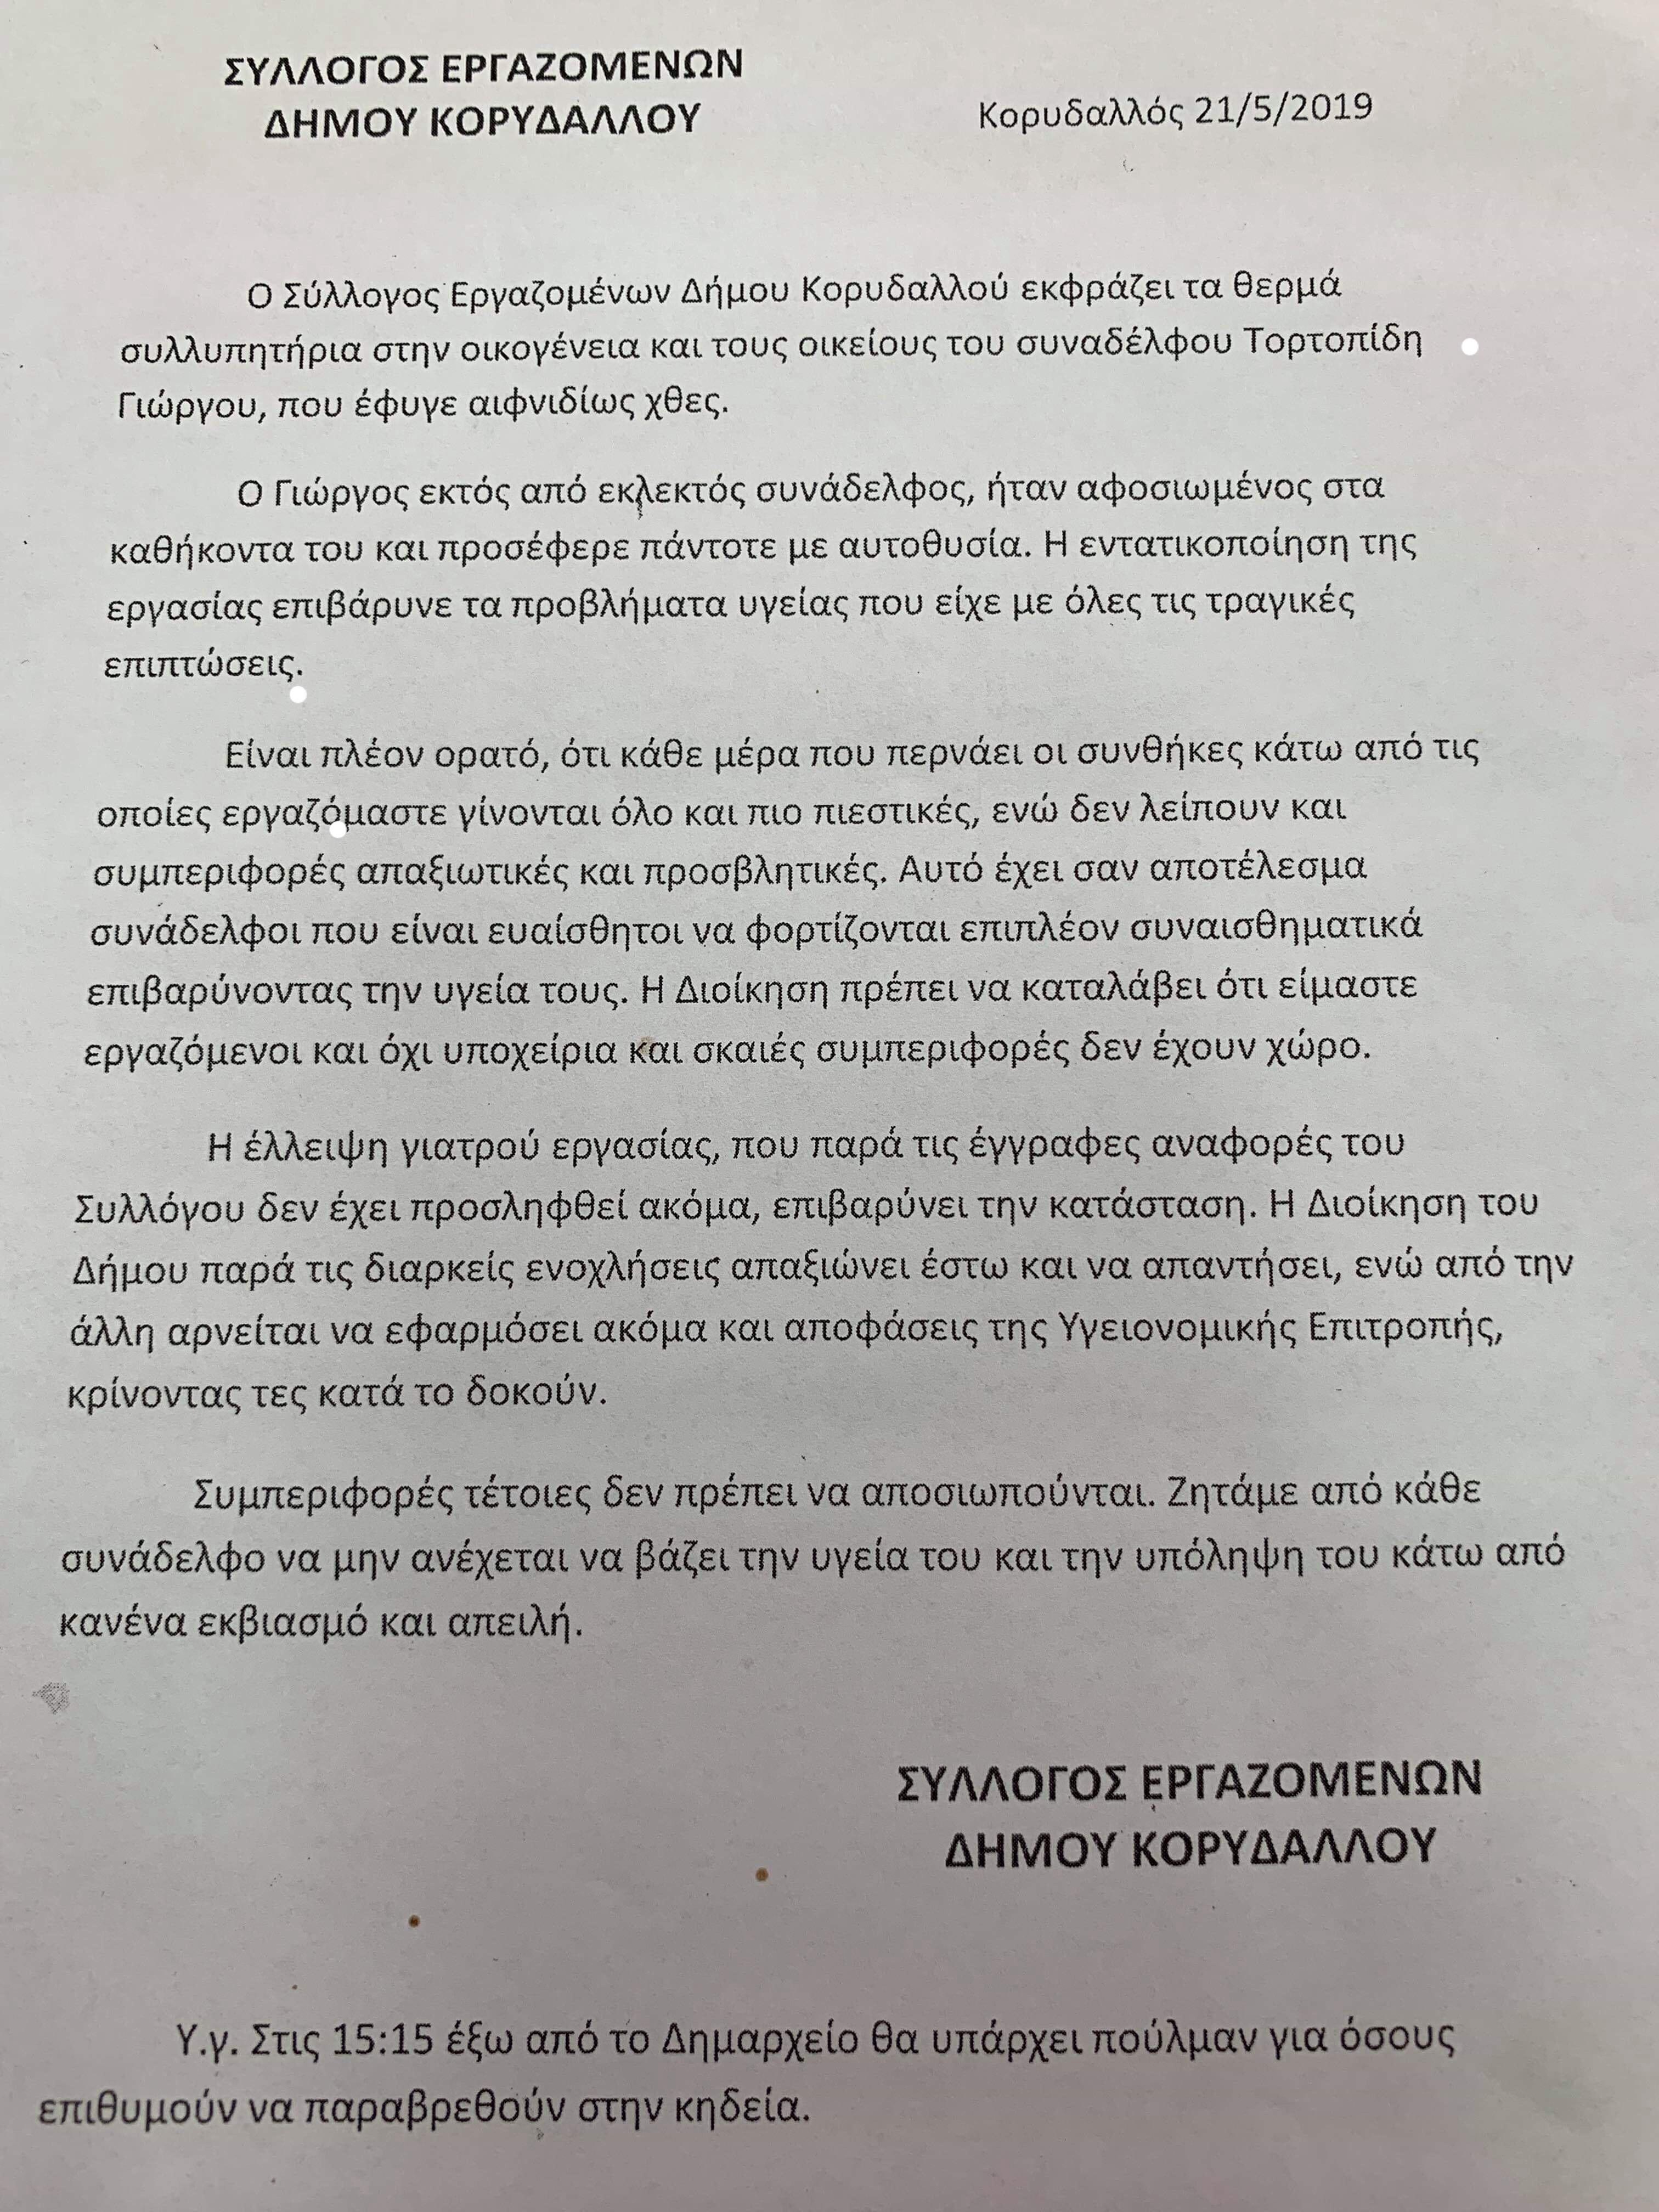 ΚΑΤΑΓΓΕΛΙΑ – Απεβίωσε εργαζόμενος στον Δήμο Κορυδαλλού μετά το bullying από την Δημοτική Αρχή